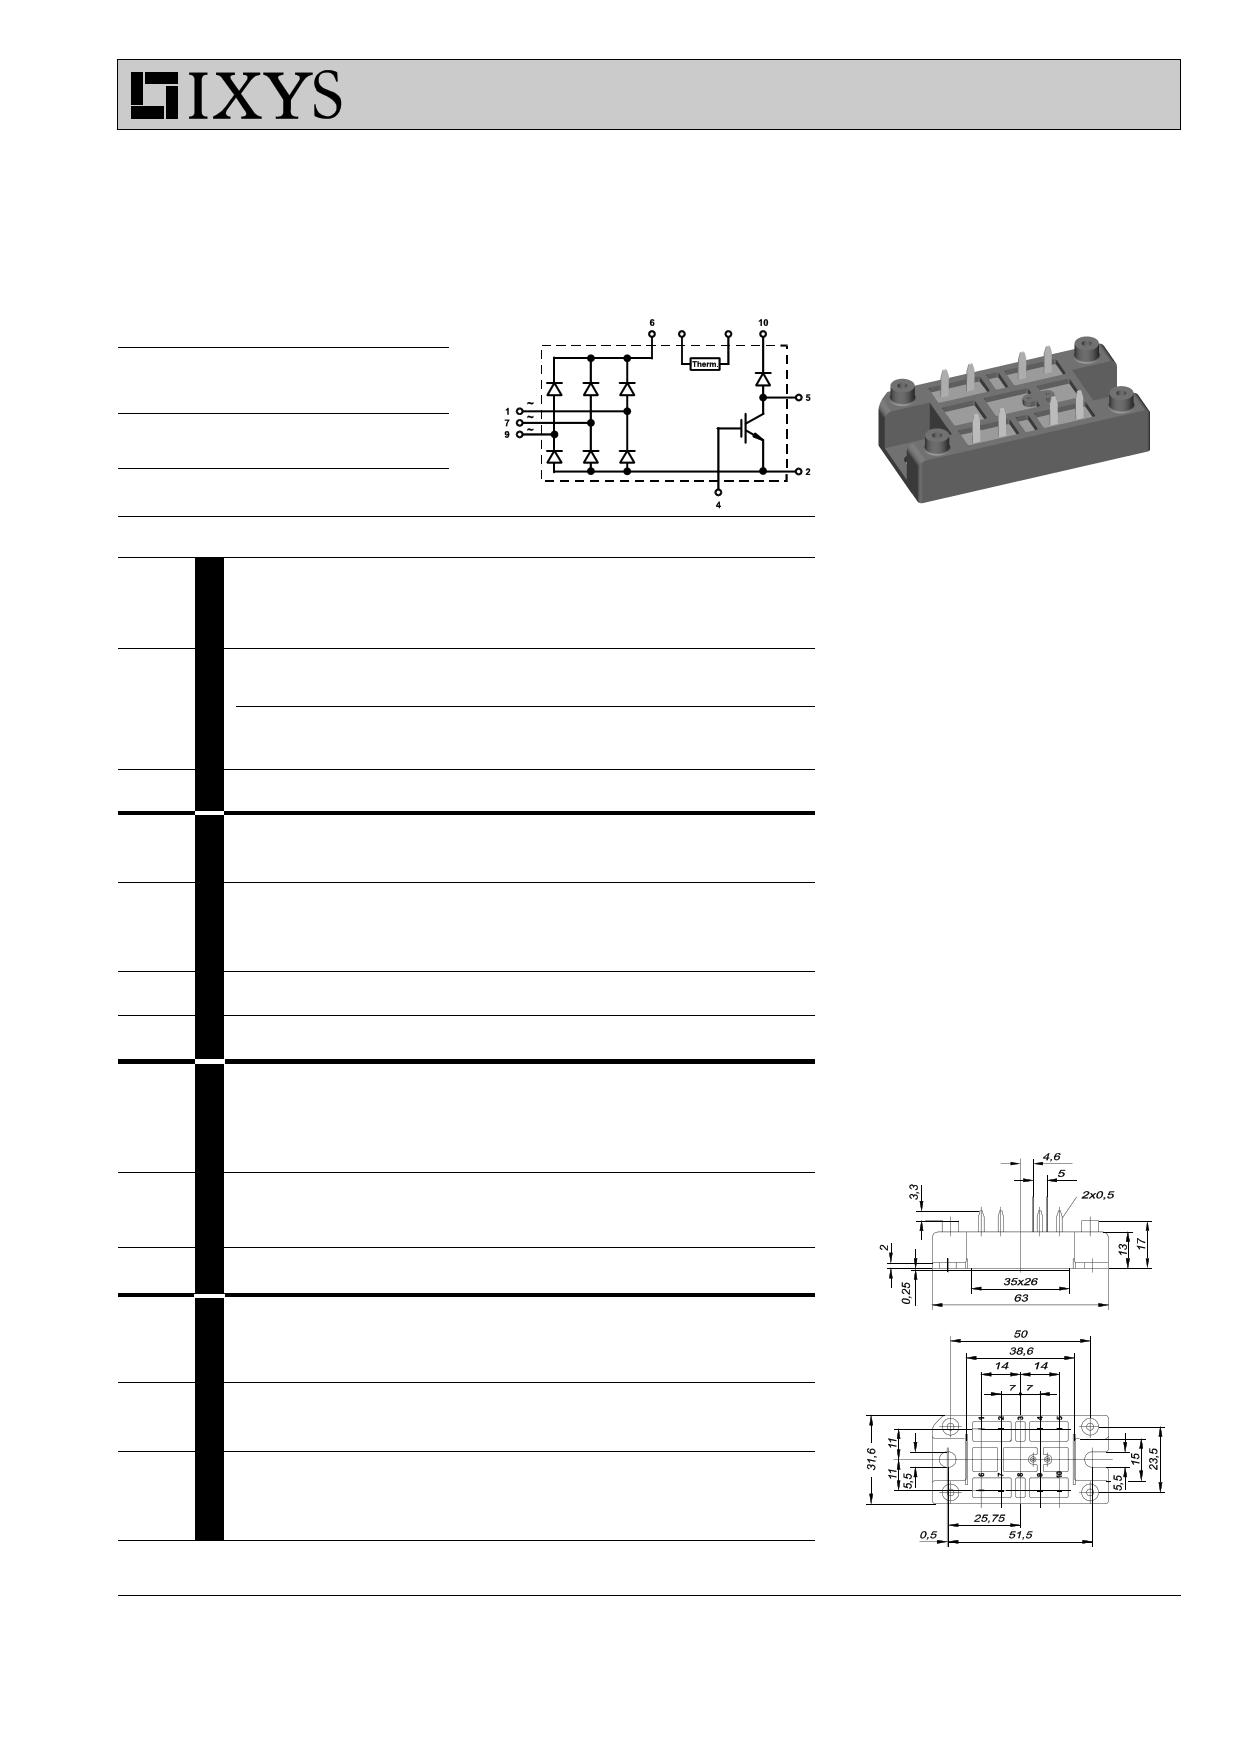 VUB60 datasheet